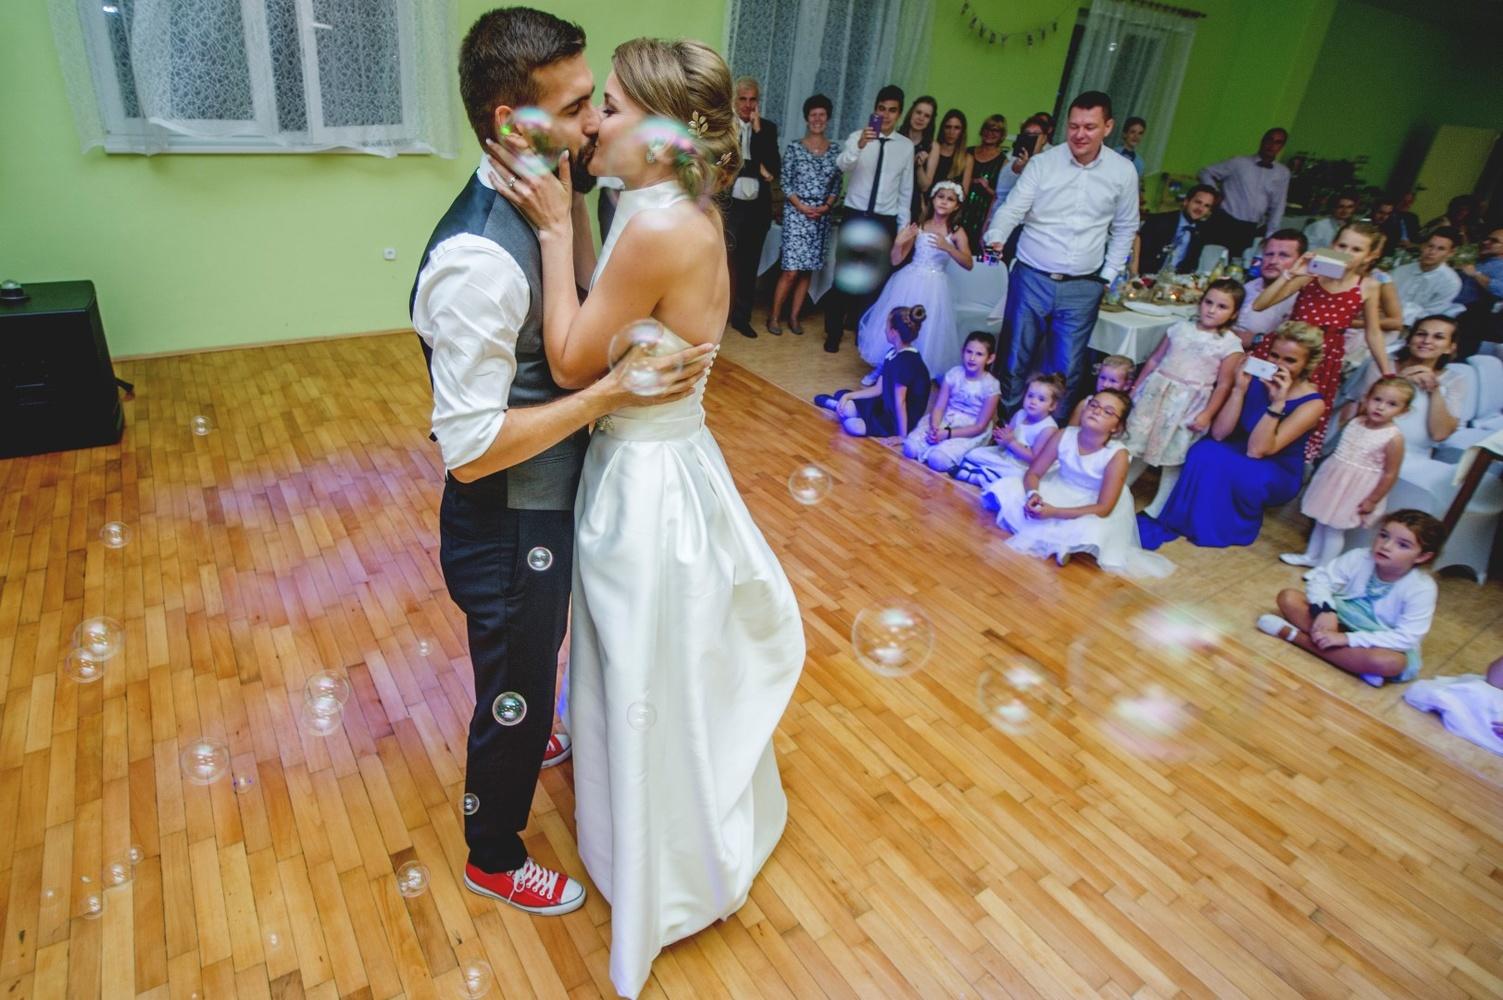 http://www.fotoz.sk/images/gallery-8/normal/eskuvoi-fotos_svadobny-fotograf_538.jpg